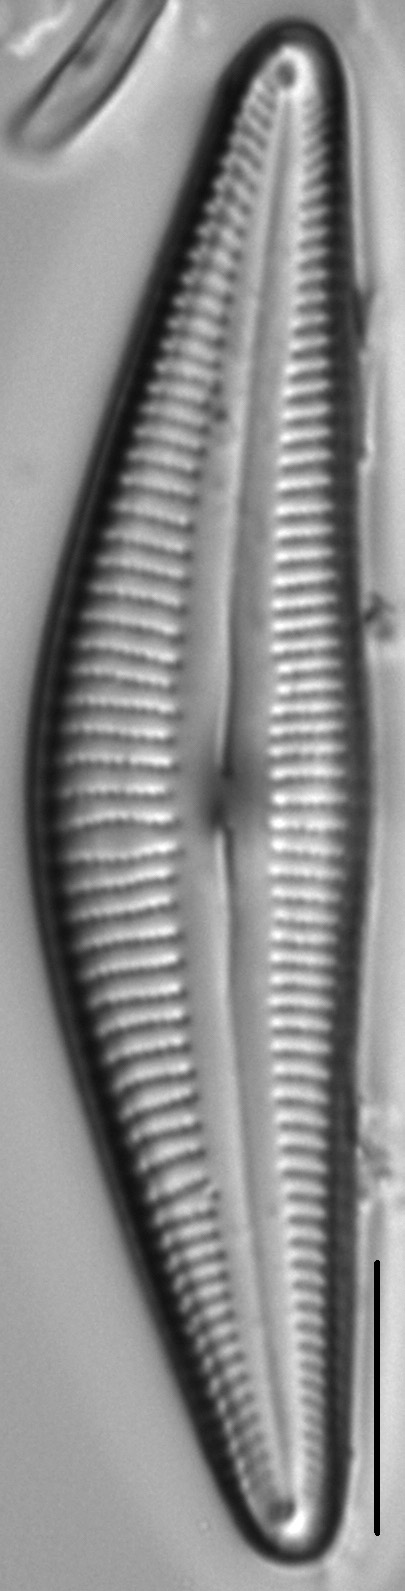 Cymbella stigmaphora LM2